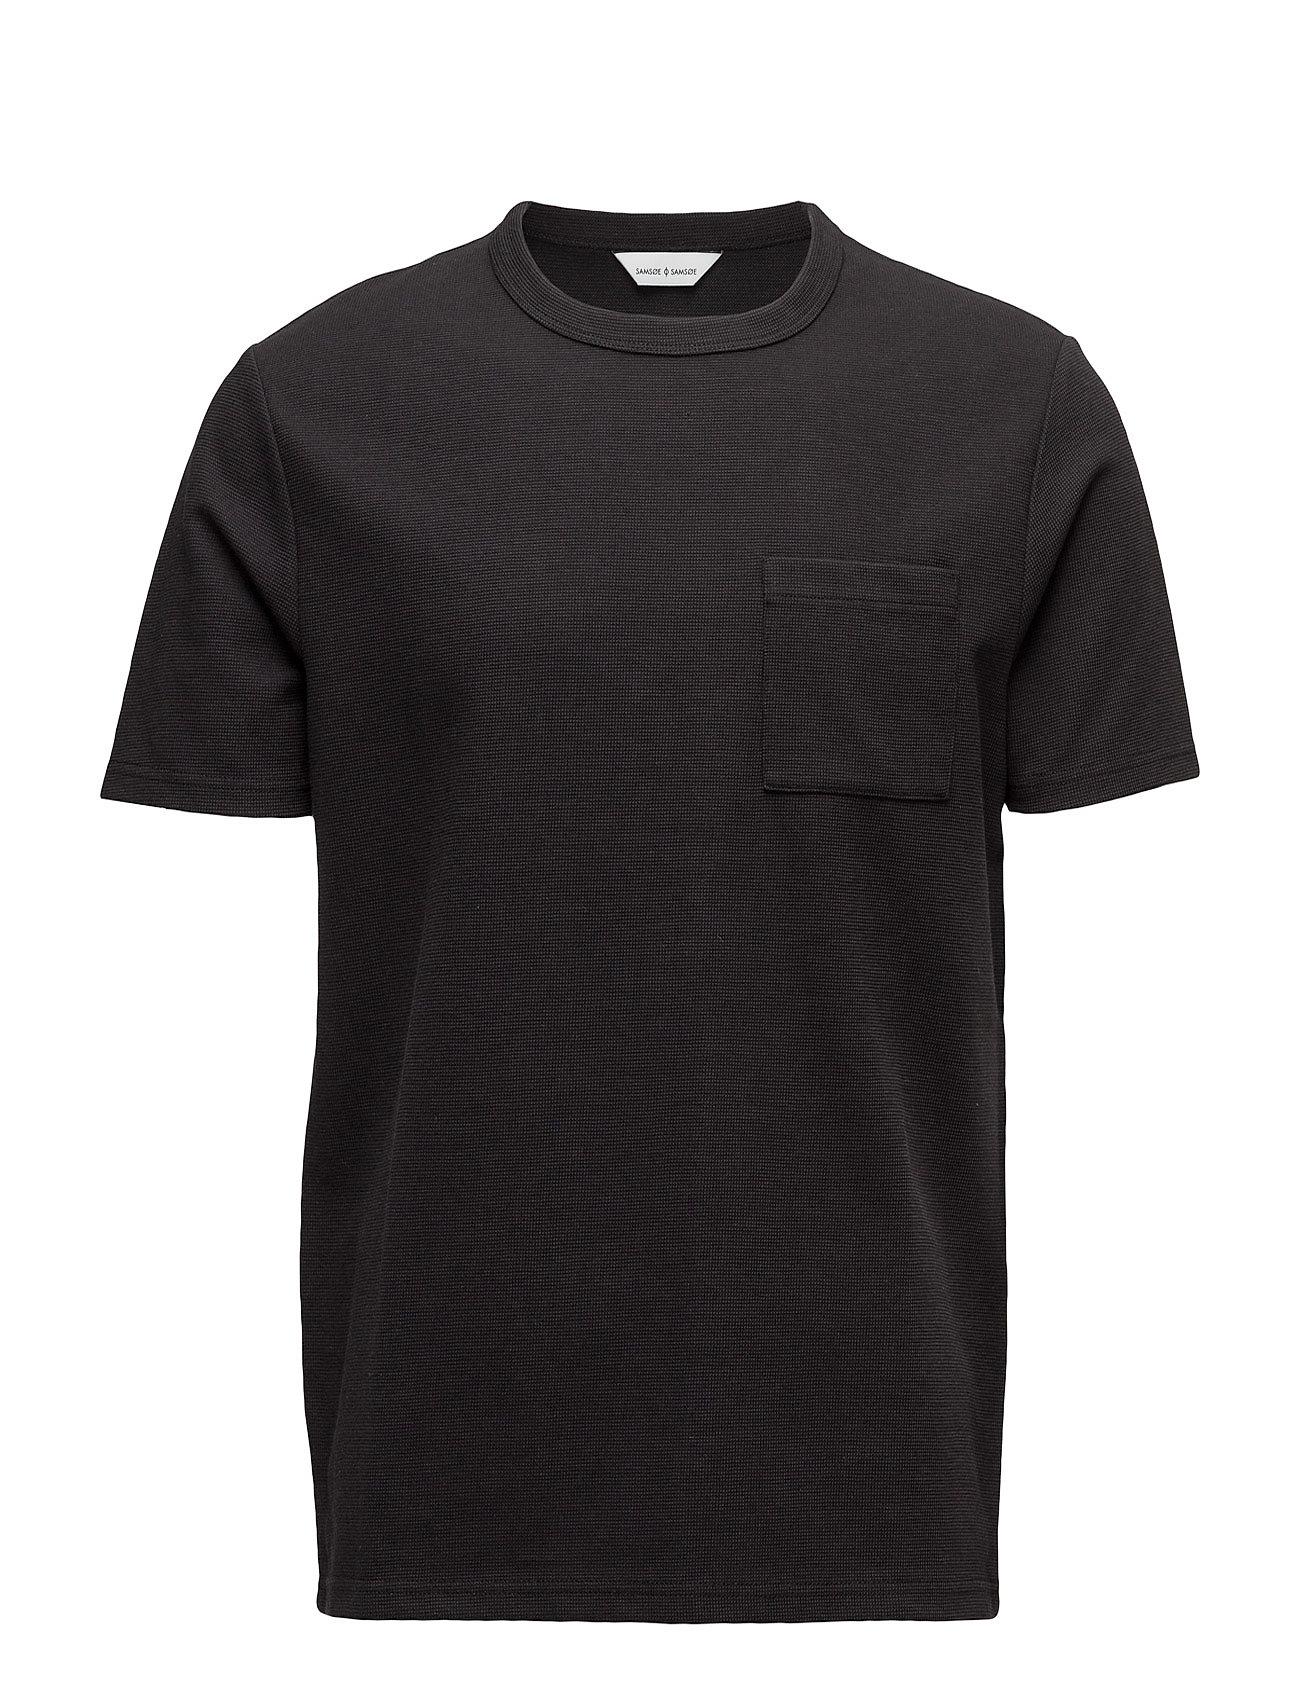 Babel O-N Ss 7594 Samsøe & Samsøe T-shirts til Mænd i Sort